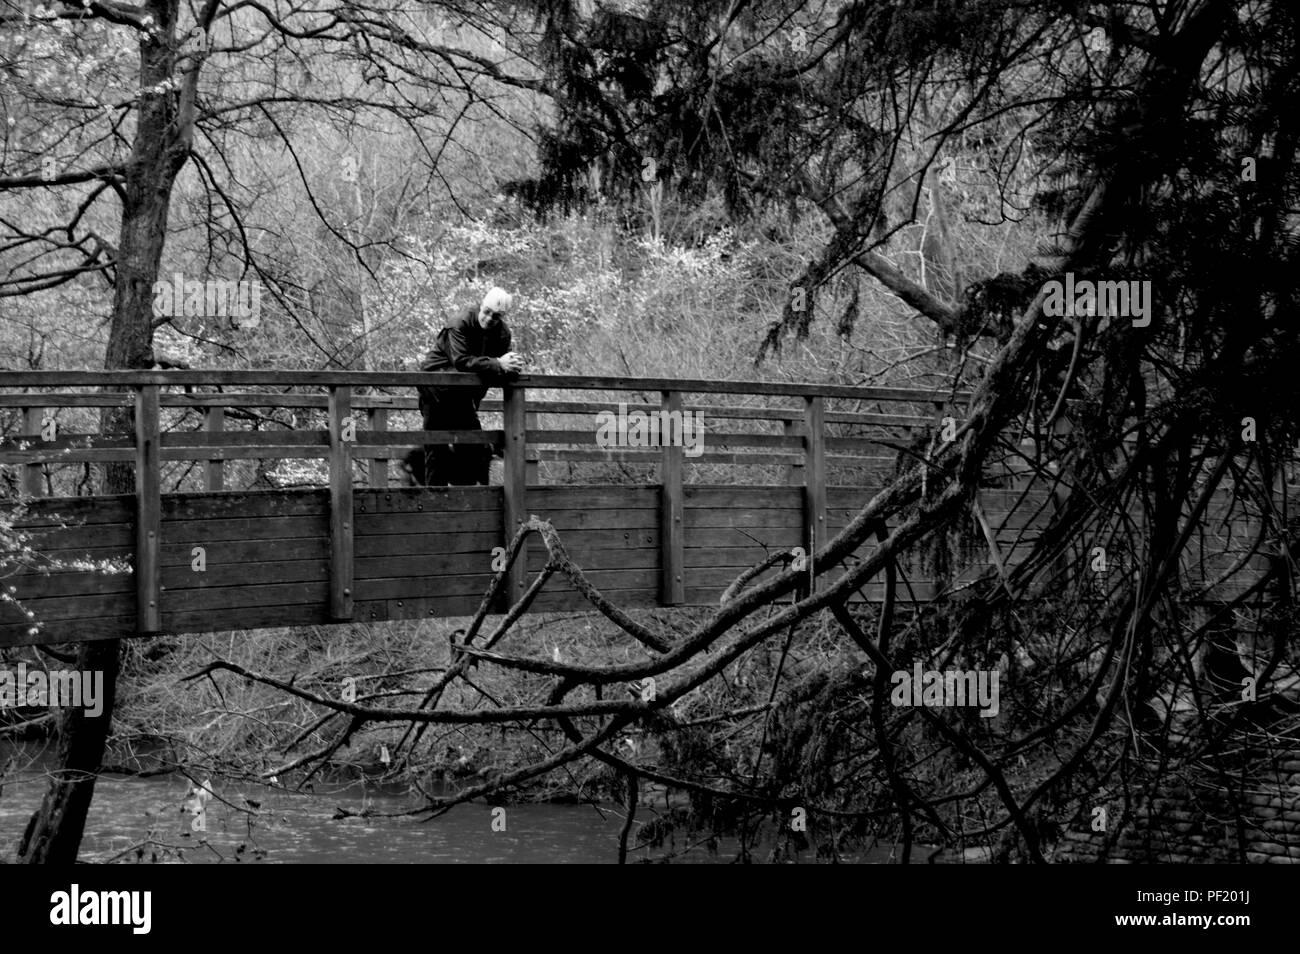 Mann auf schwarze und weiße Brücke im Wald Stockbild